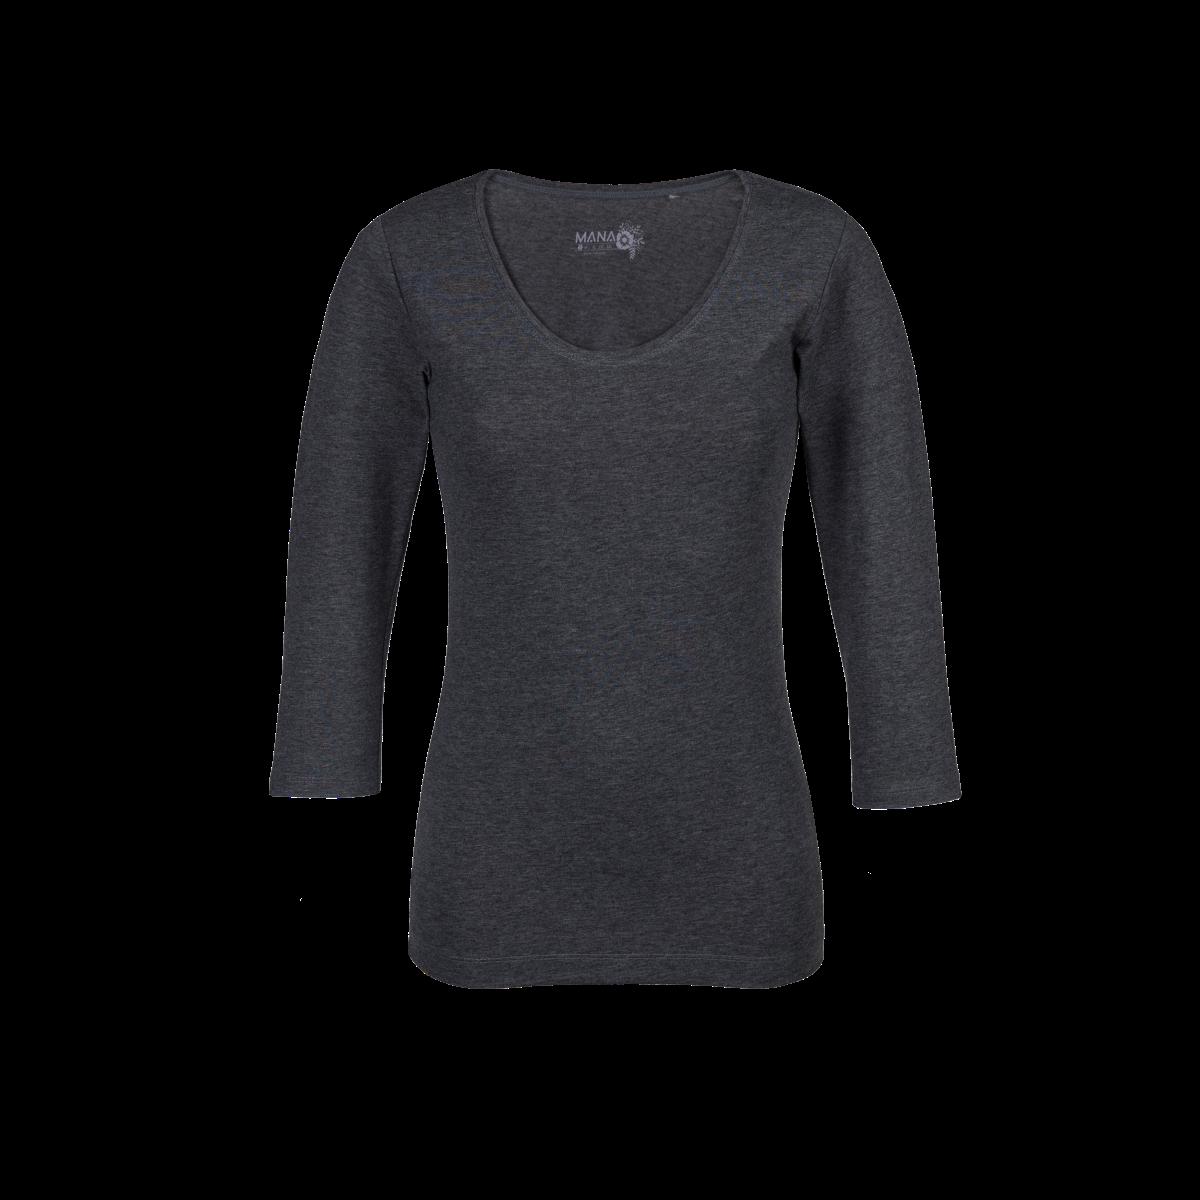 Ženska majica, temno melange siva